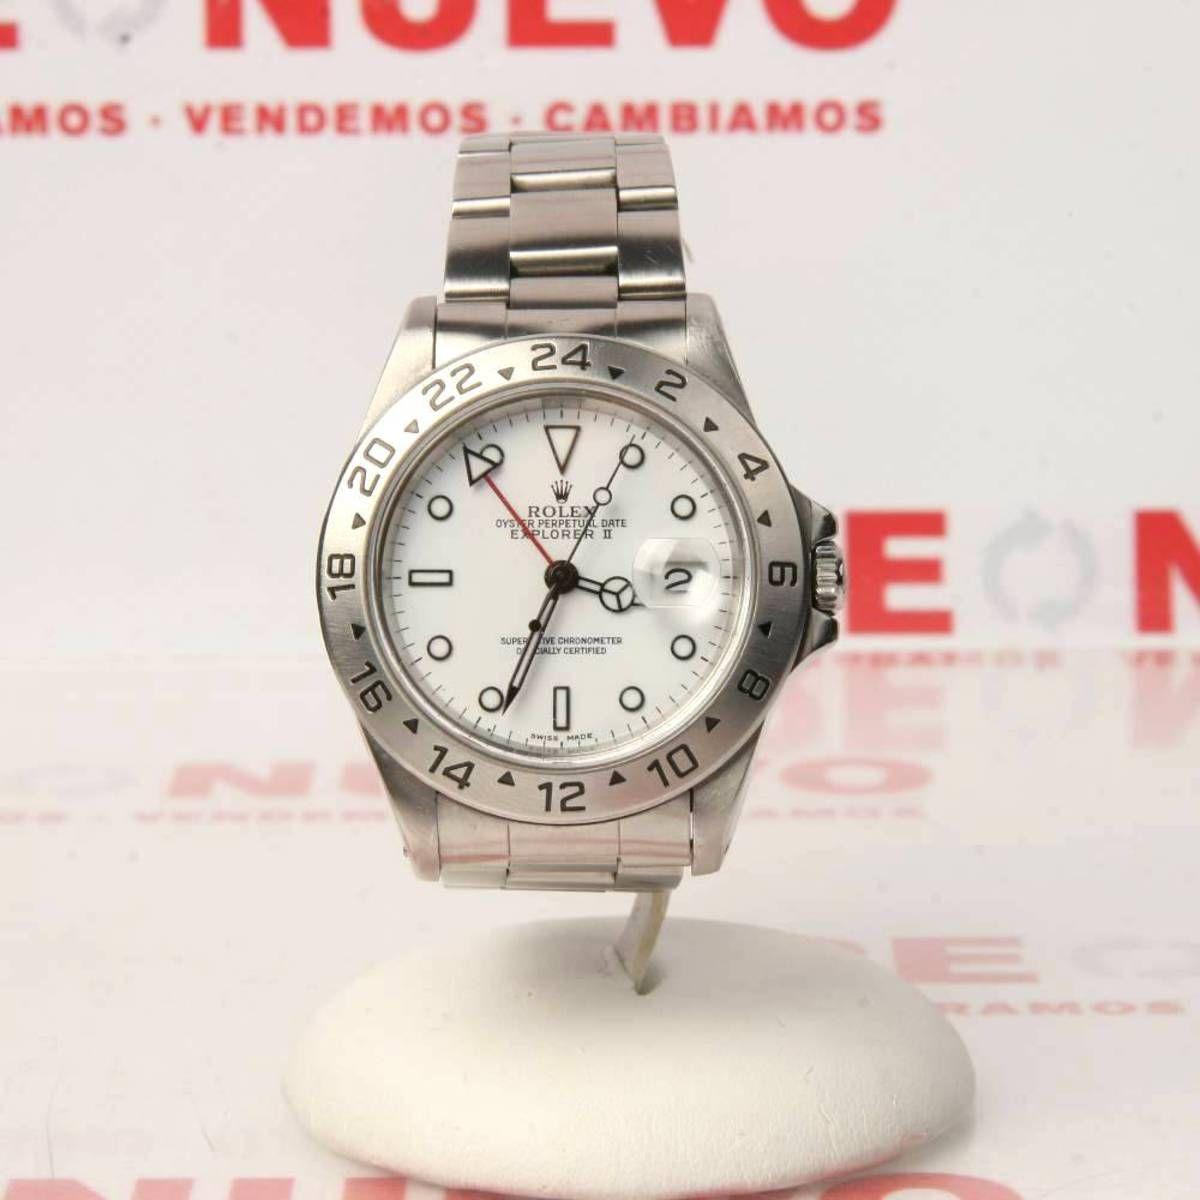 Reloj Rolex Explorer Ii 16570 De Segunda Mano E276650 Rolex Explorer Rolex Explorer Ii Relojes Rolex